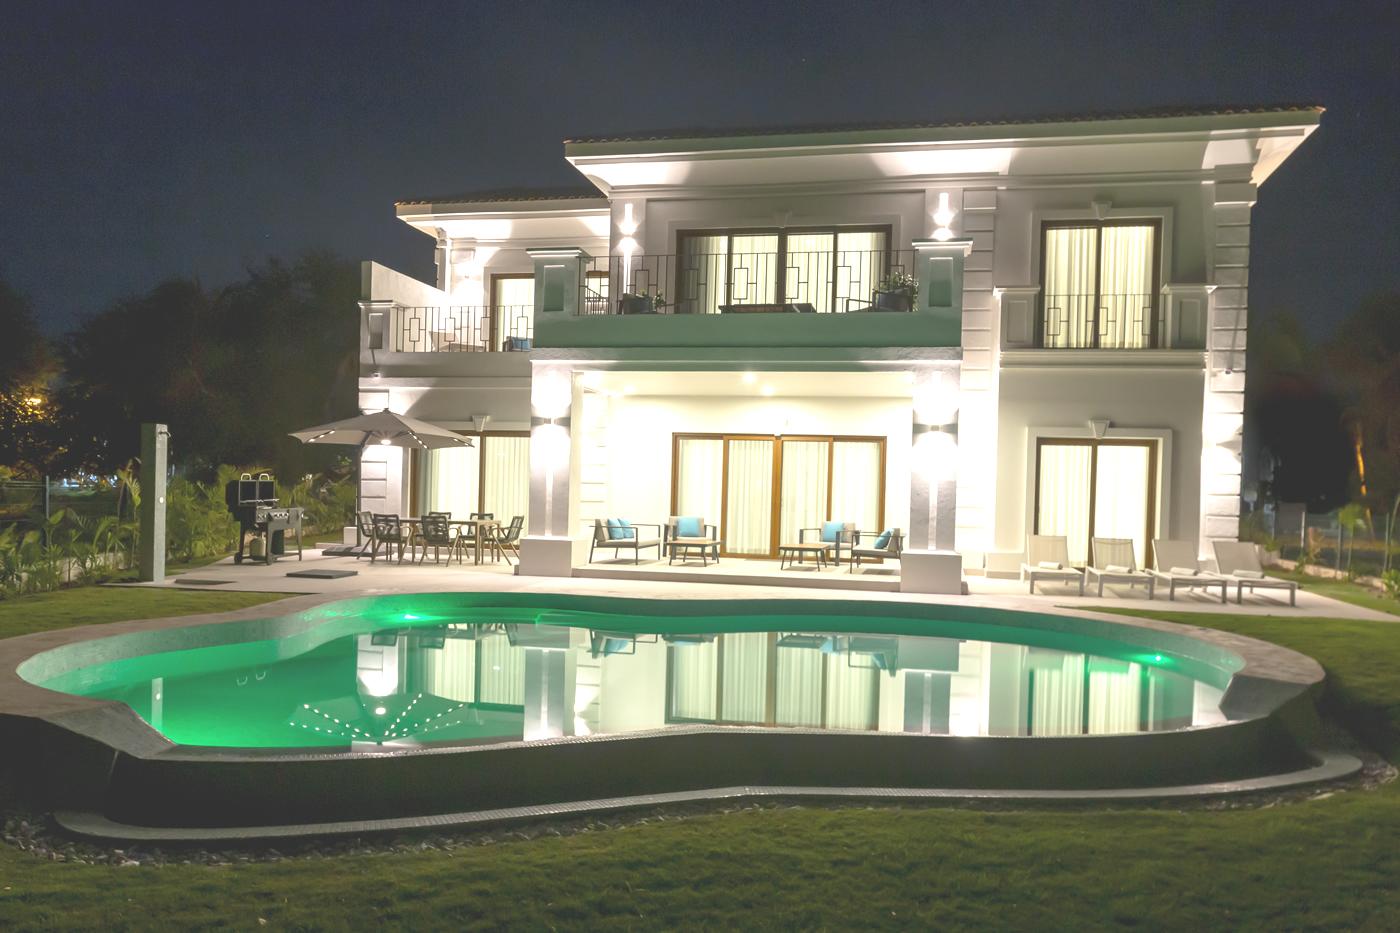 Residencia de lujo en venta El Tigre Nuevo Vallarta Nayarit México